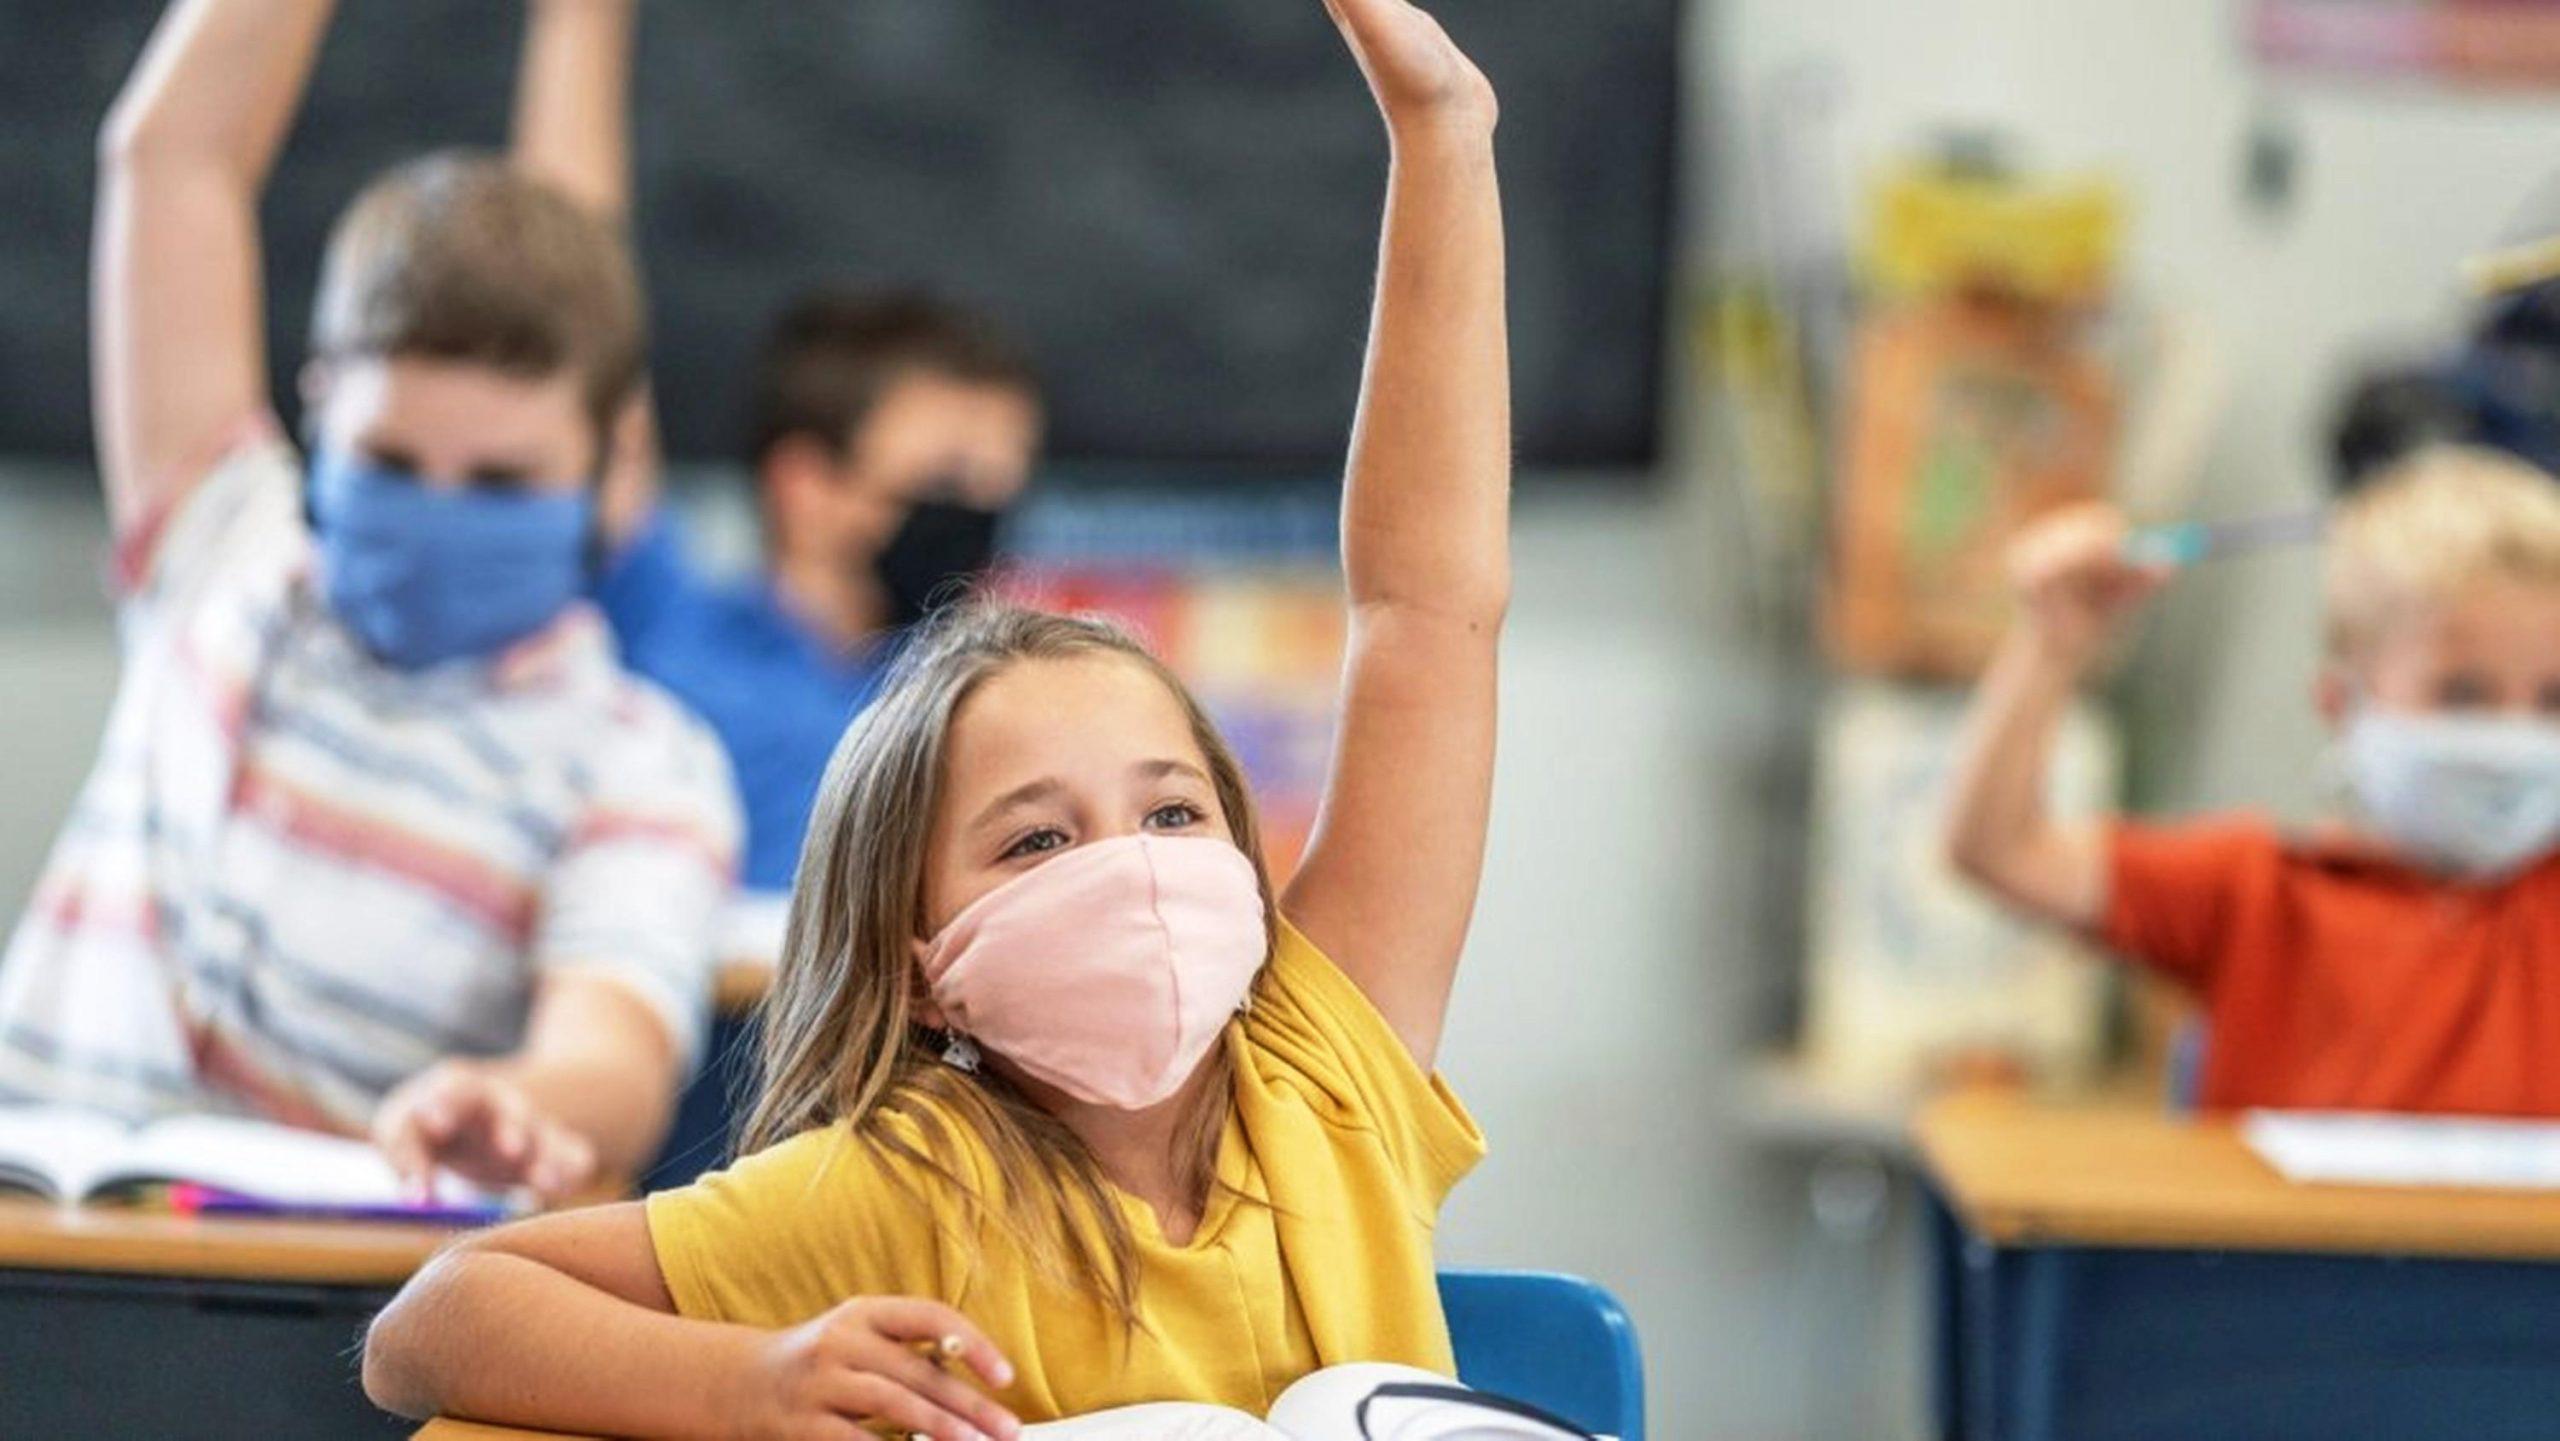 Covid-19 : le port du masque a-t-il des incidences sur l'apprentissage du langage chez les enfants ?